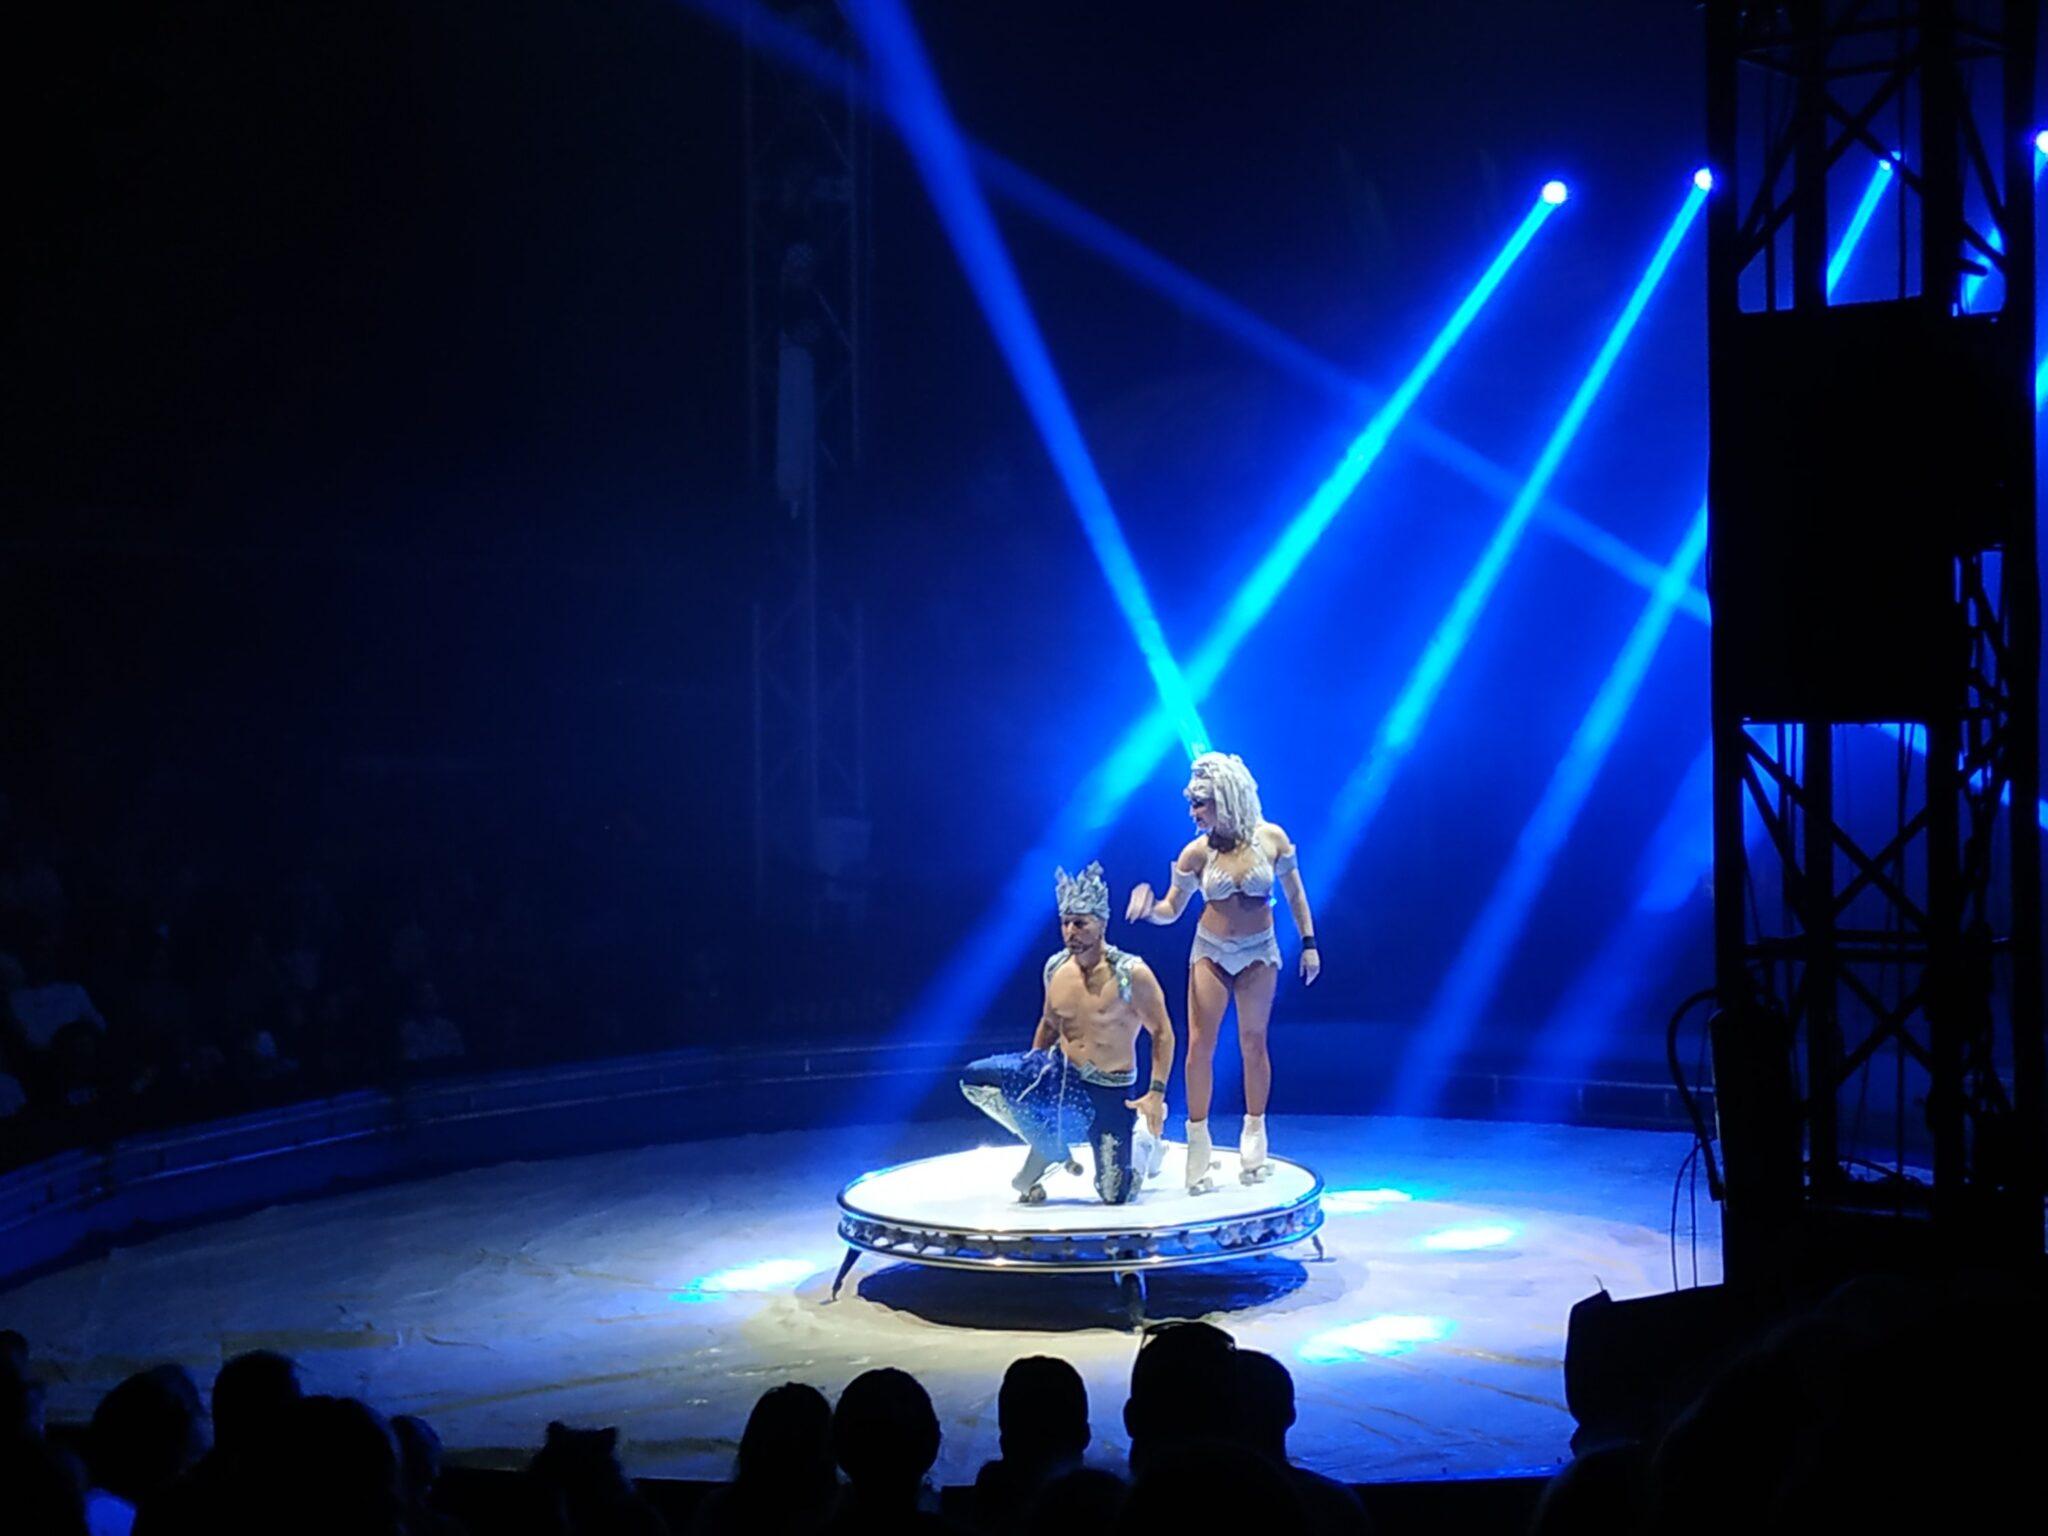 img 20191012 1703077501074437274571125 - Circos sin animales. Visita el Circo sobre Agua en Madrid